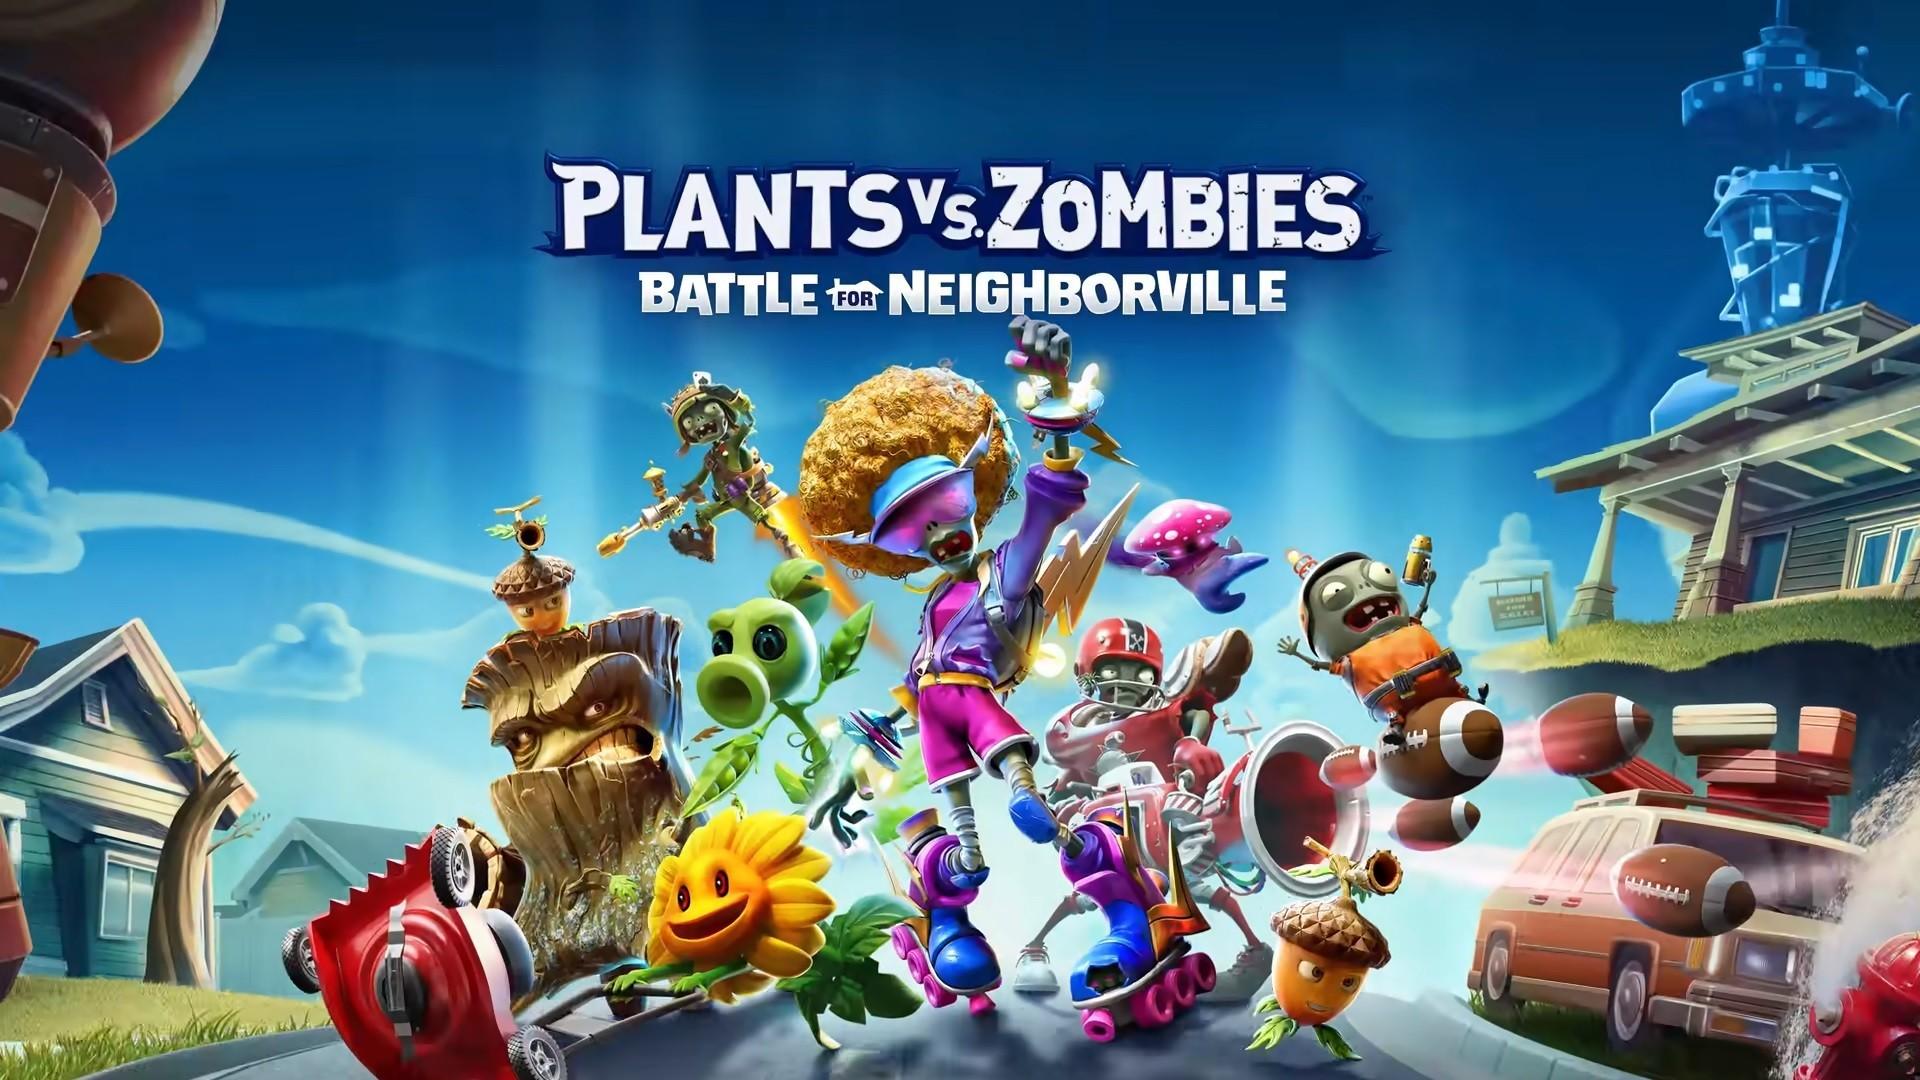 Plants-vs-Zombies-Battle-for-Neighborville